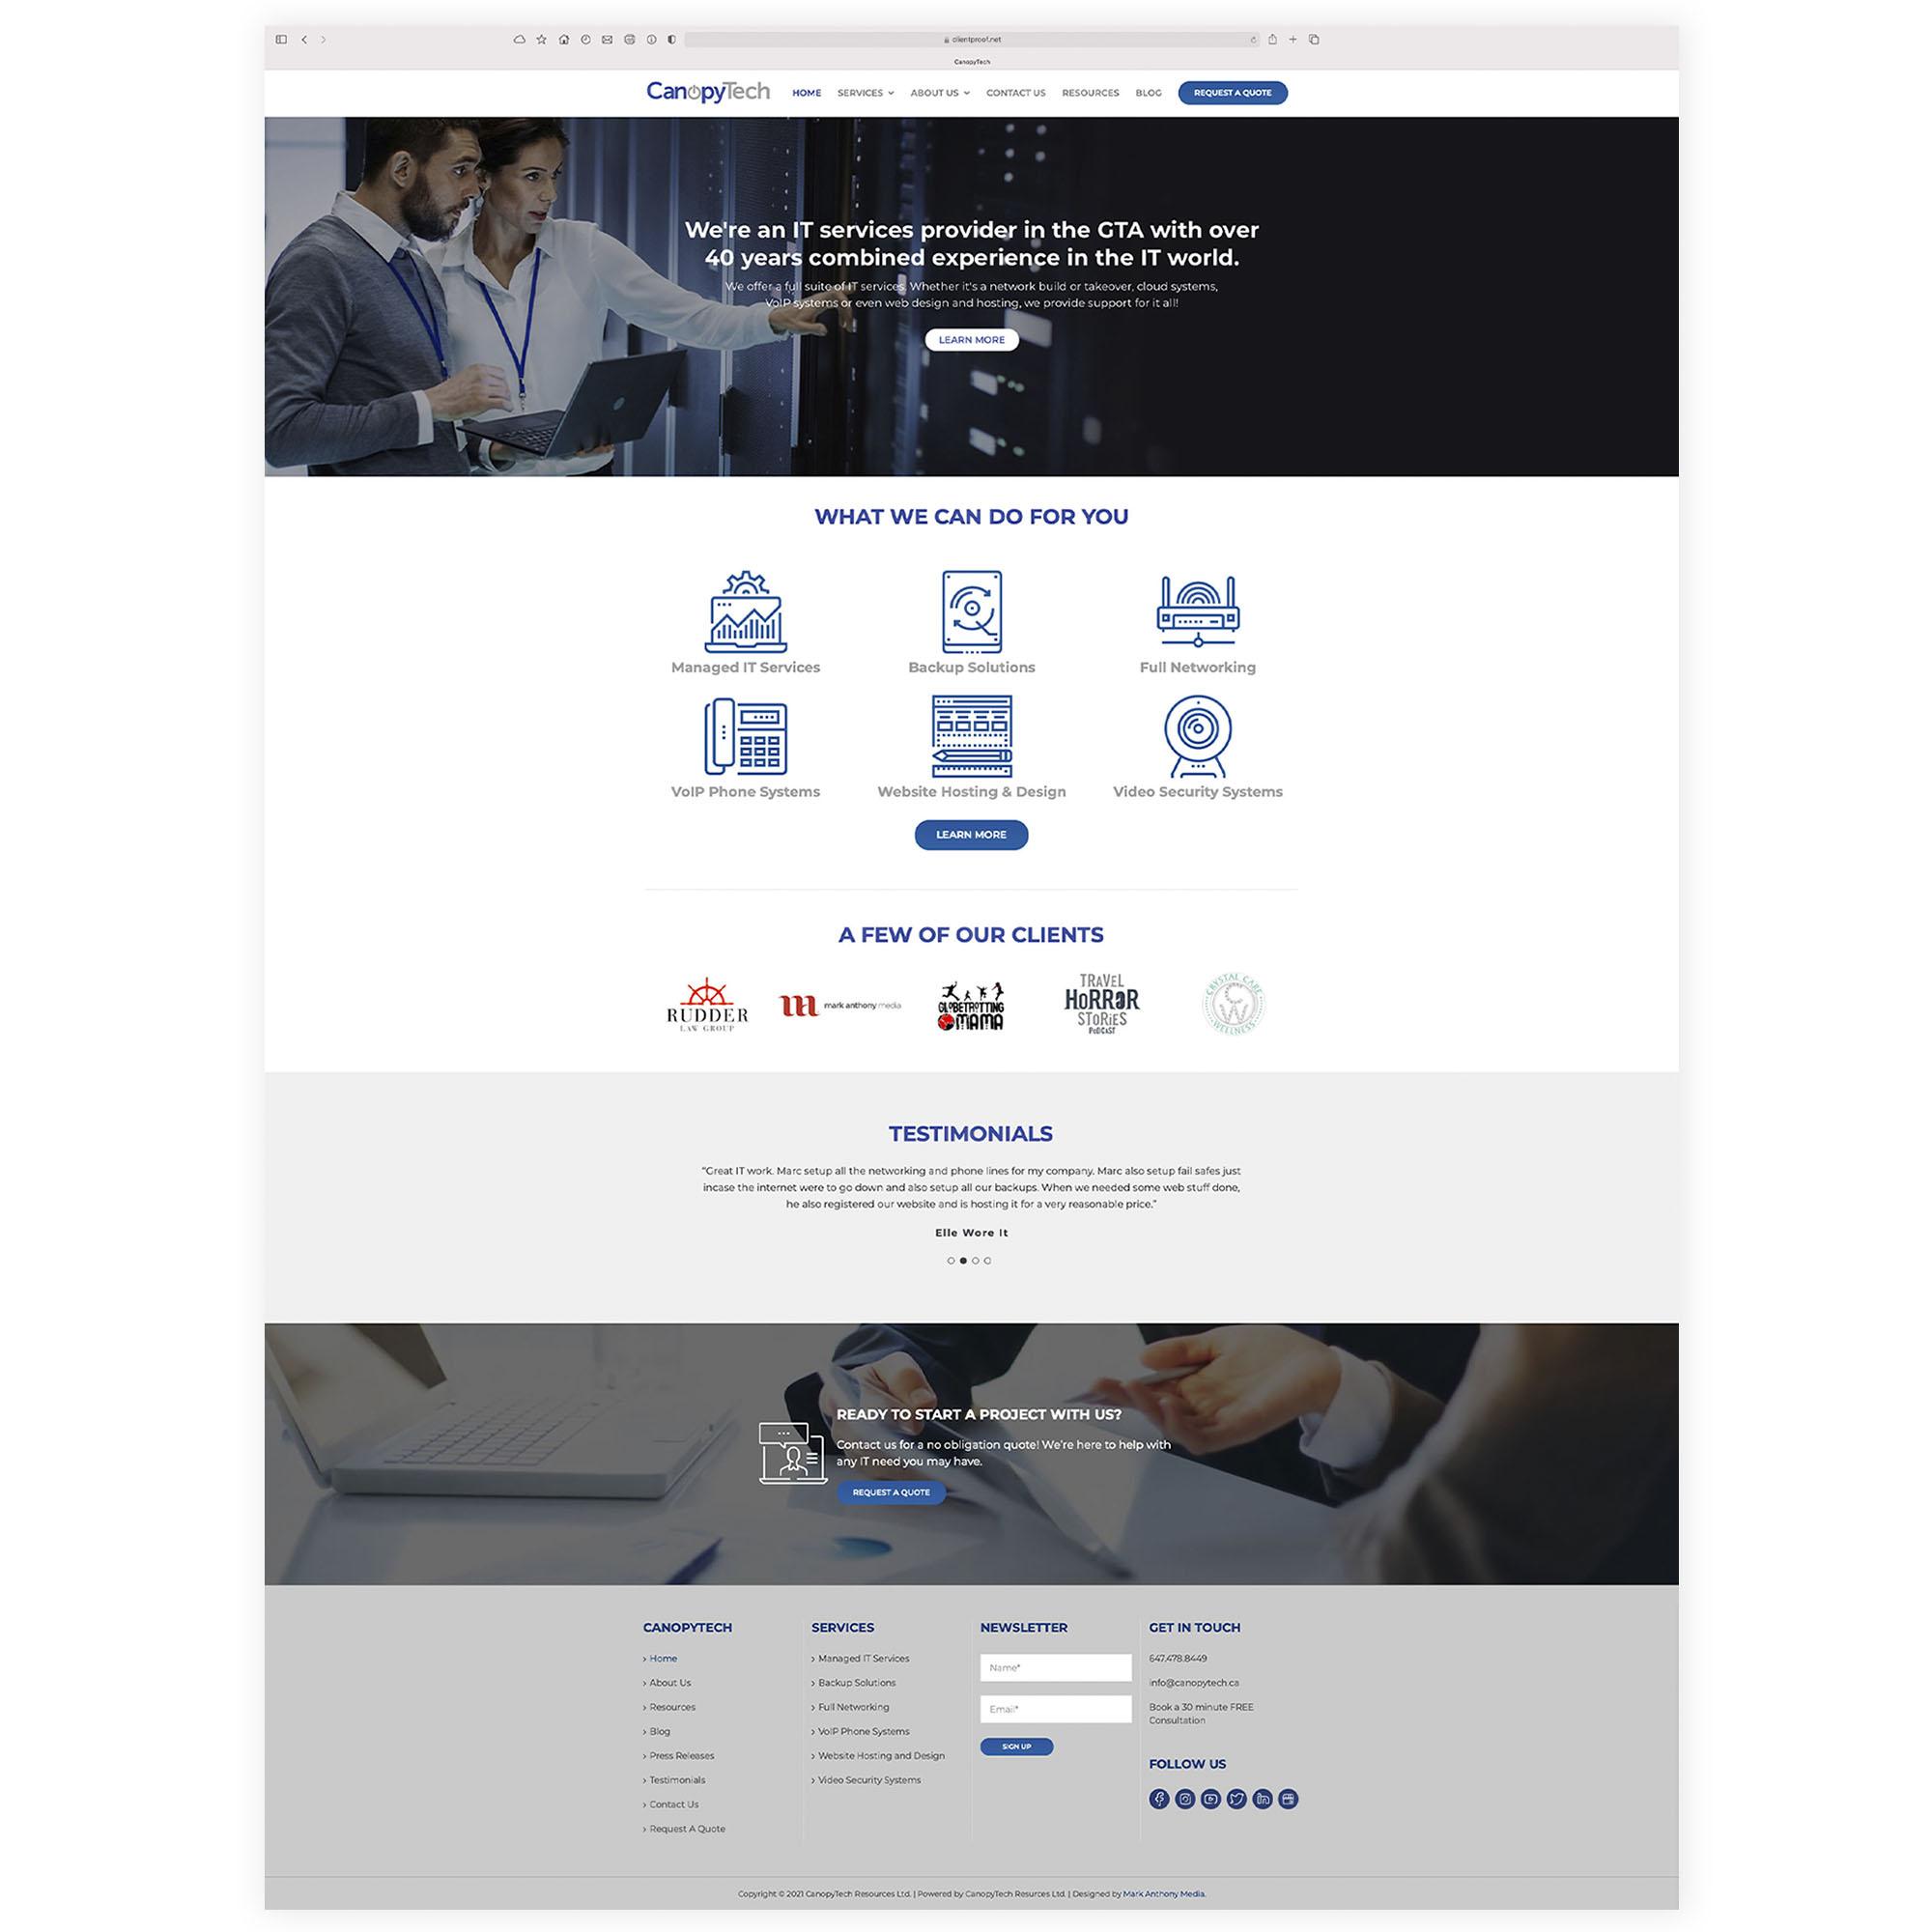 CanopyTech Resources Ltd. - Websites